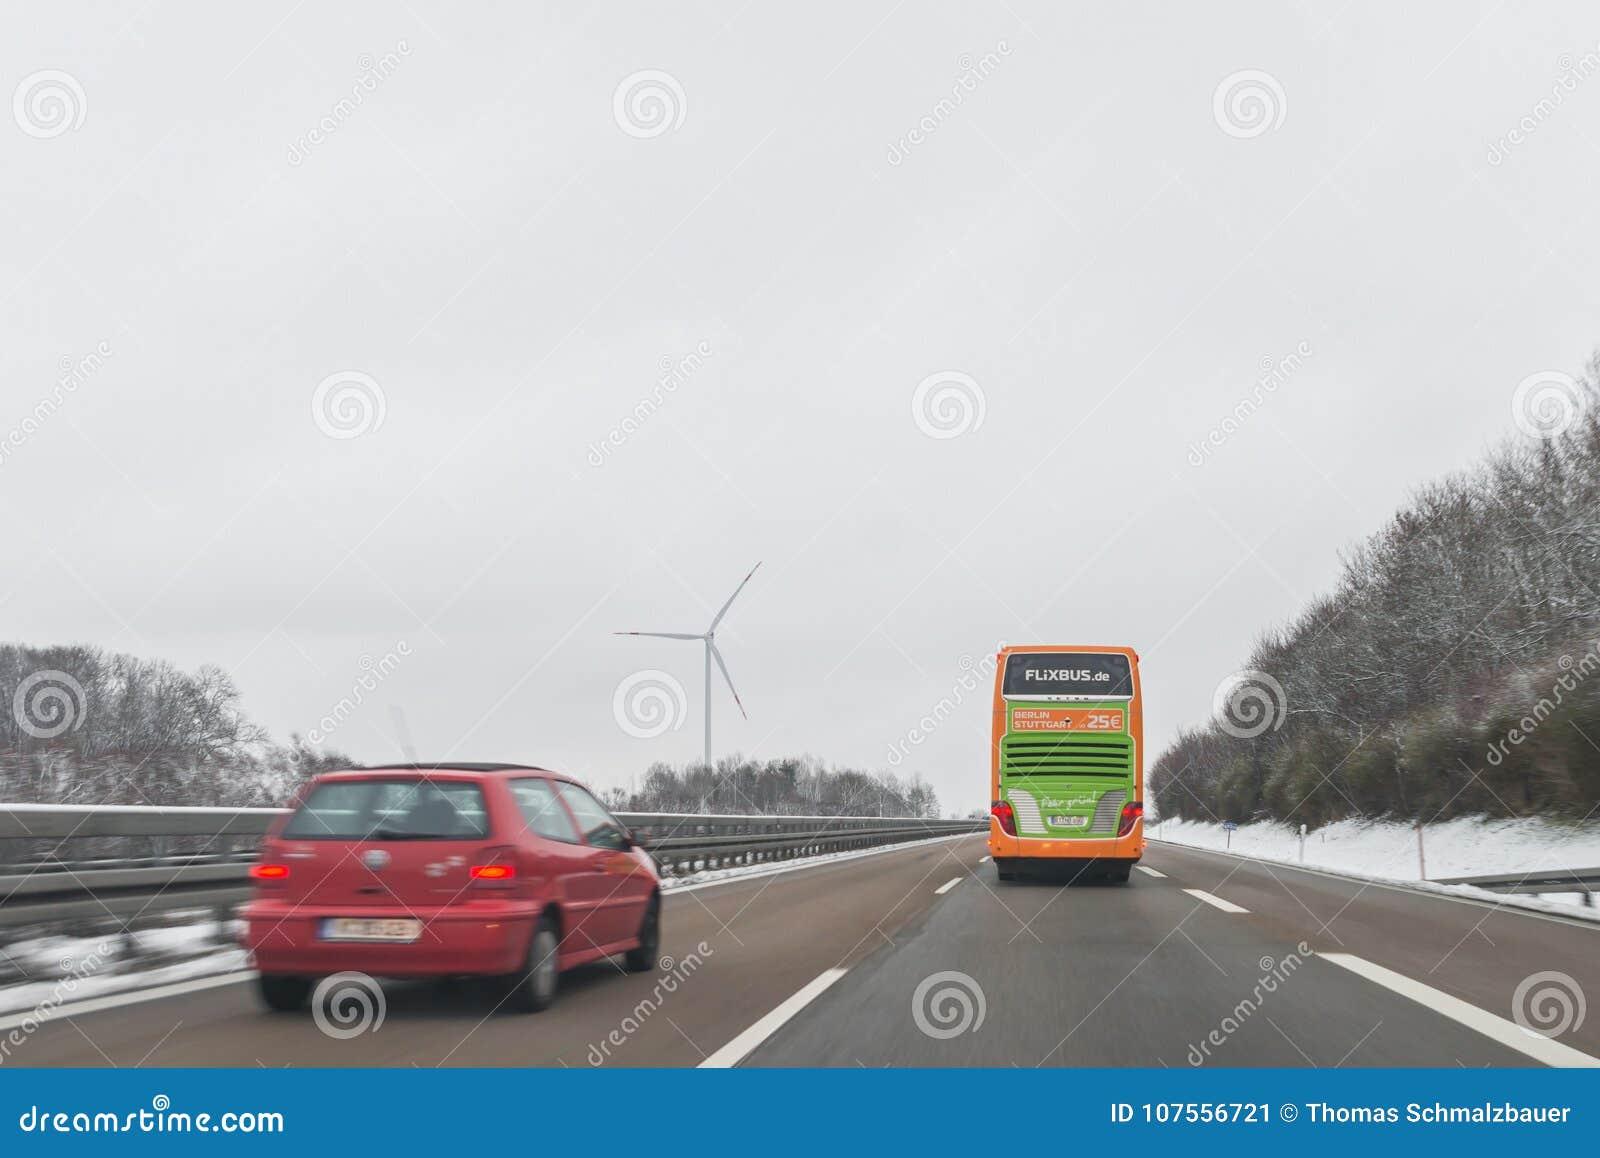 Λεωφορείο και αυτοκίνητα Flixbus στην κατεύθυνση autobahn A6 σε NÃ ¼ rnberg, μικρόβιο